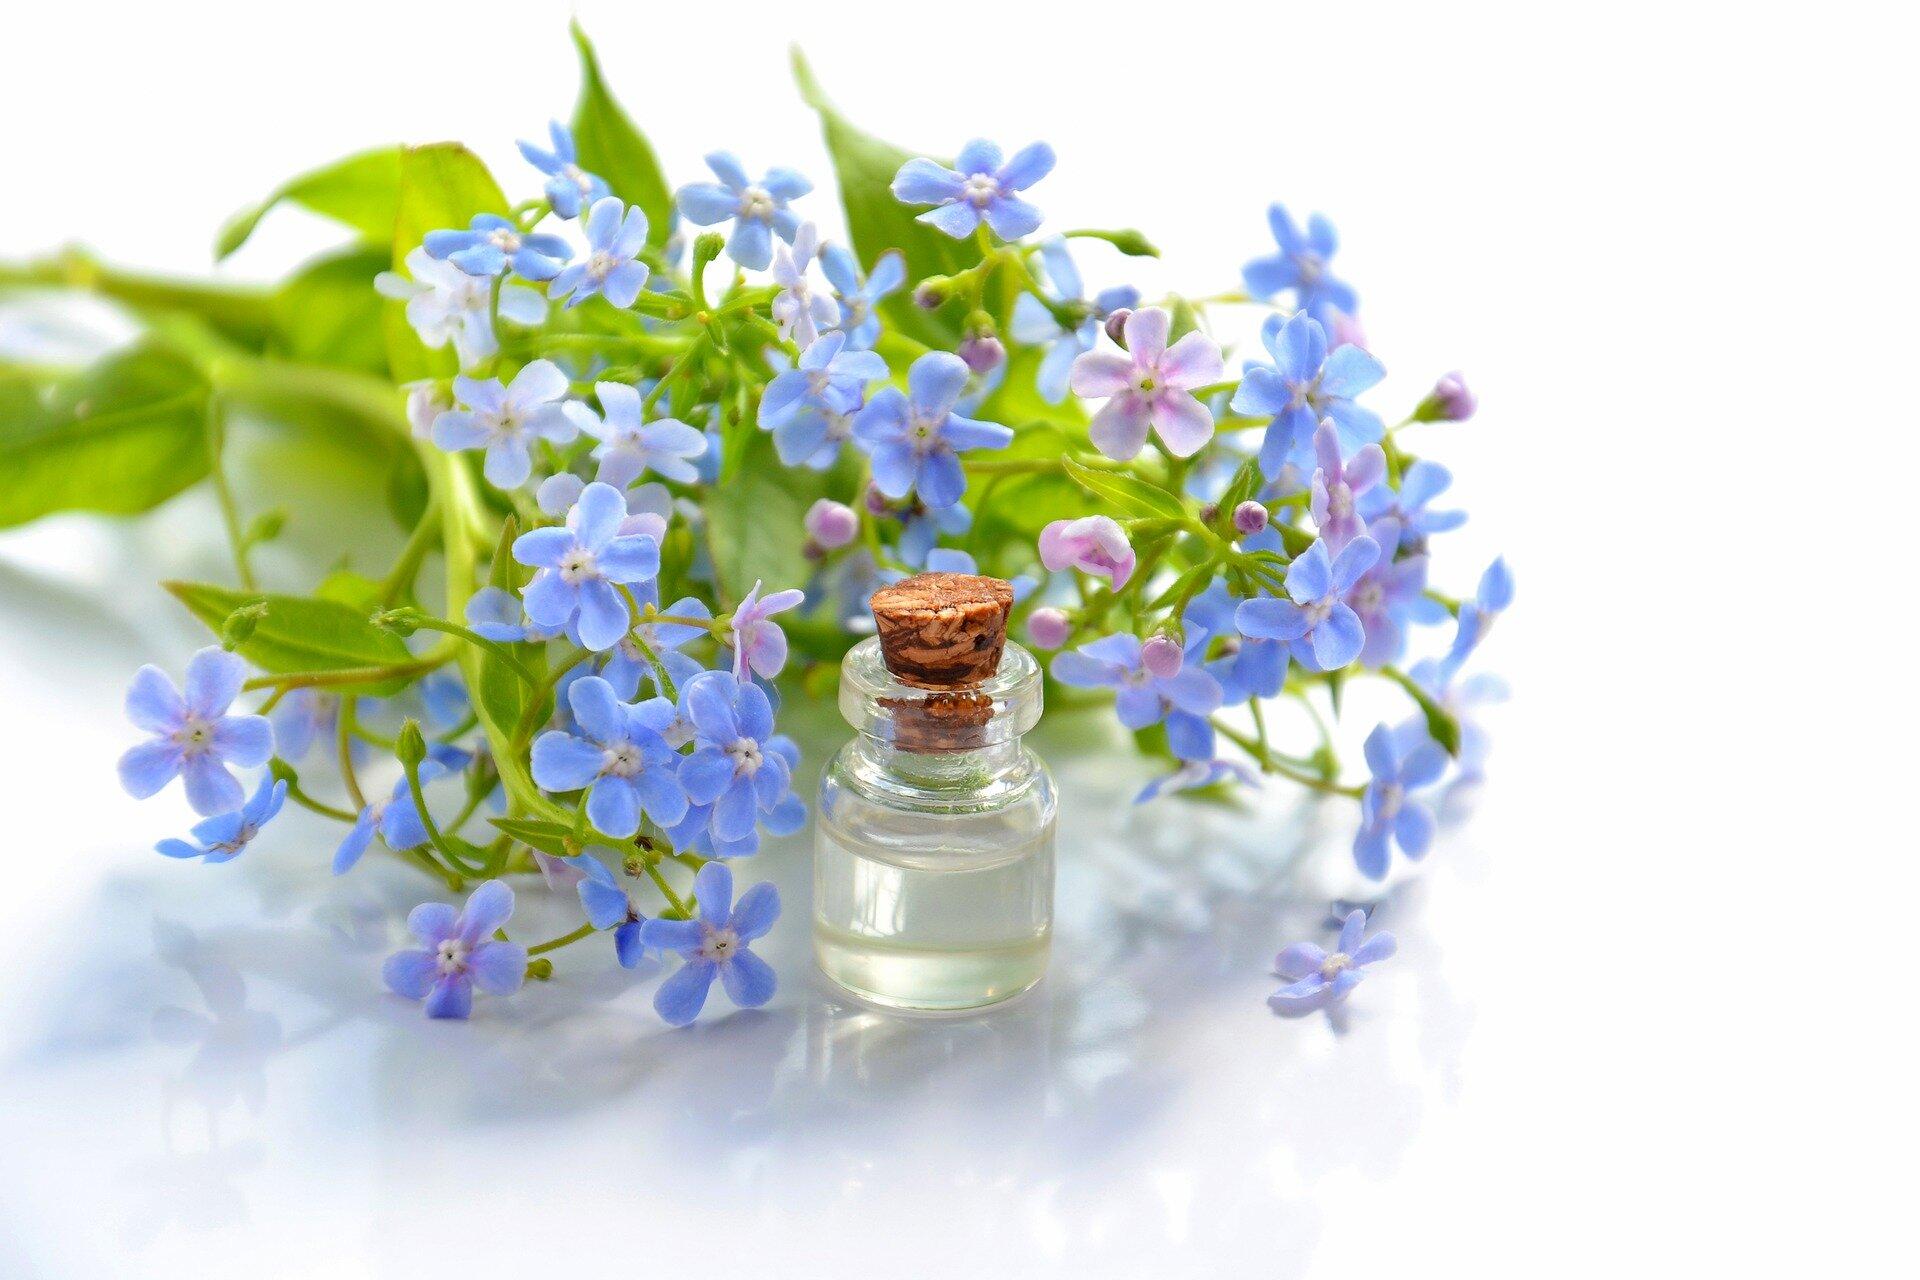 cosmetic-oil-3493928_1920.jpg